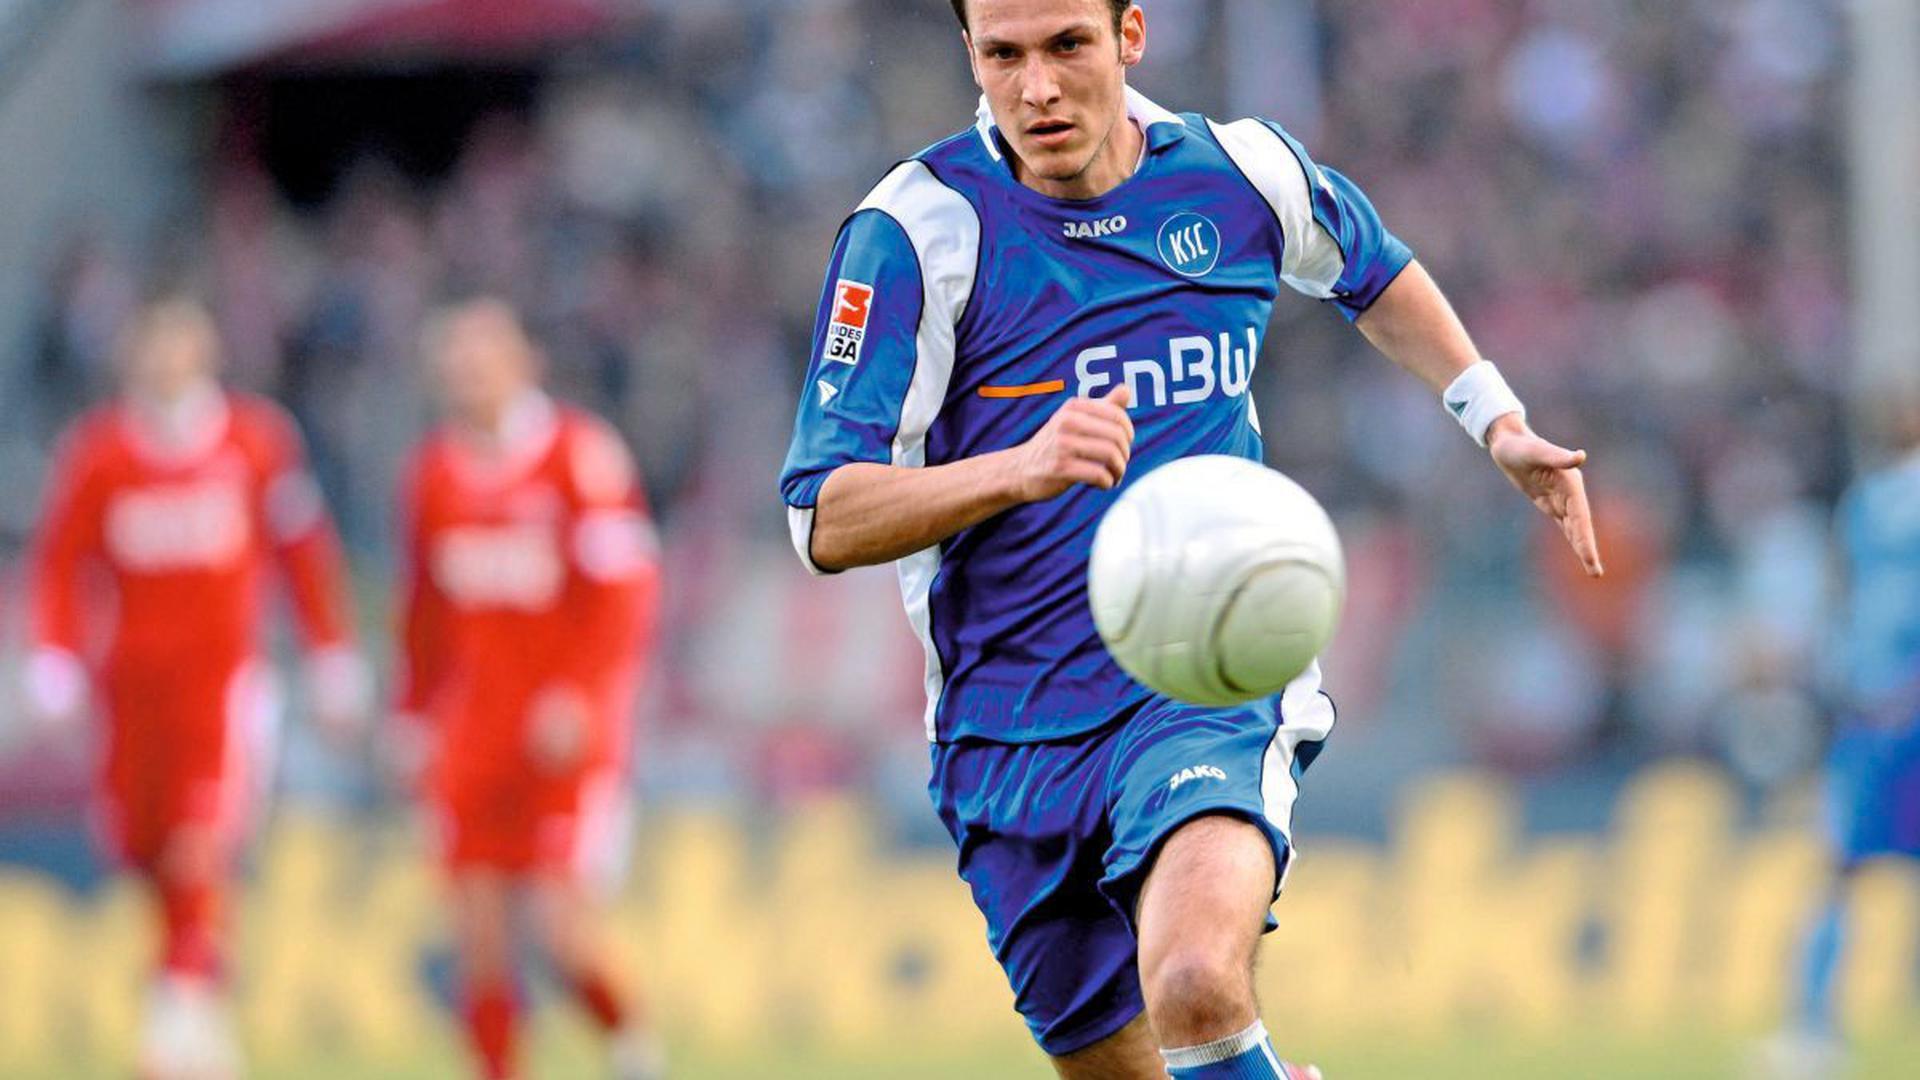 Sebastian Freis am 14. Februar 2009 im Trikot des KSC bei einem Spiel gegen seinen späteren Club, den 1. FC Köln. Die Partie am 20. Spieltag der Bundesliga-Saison 2008/2009 endete in der Domstadt 0:0.